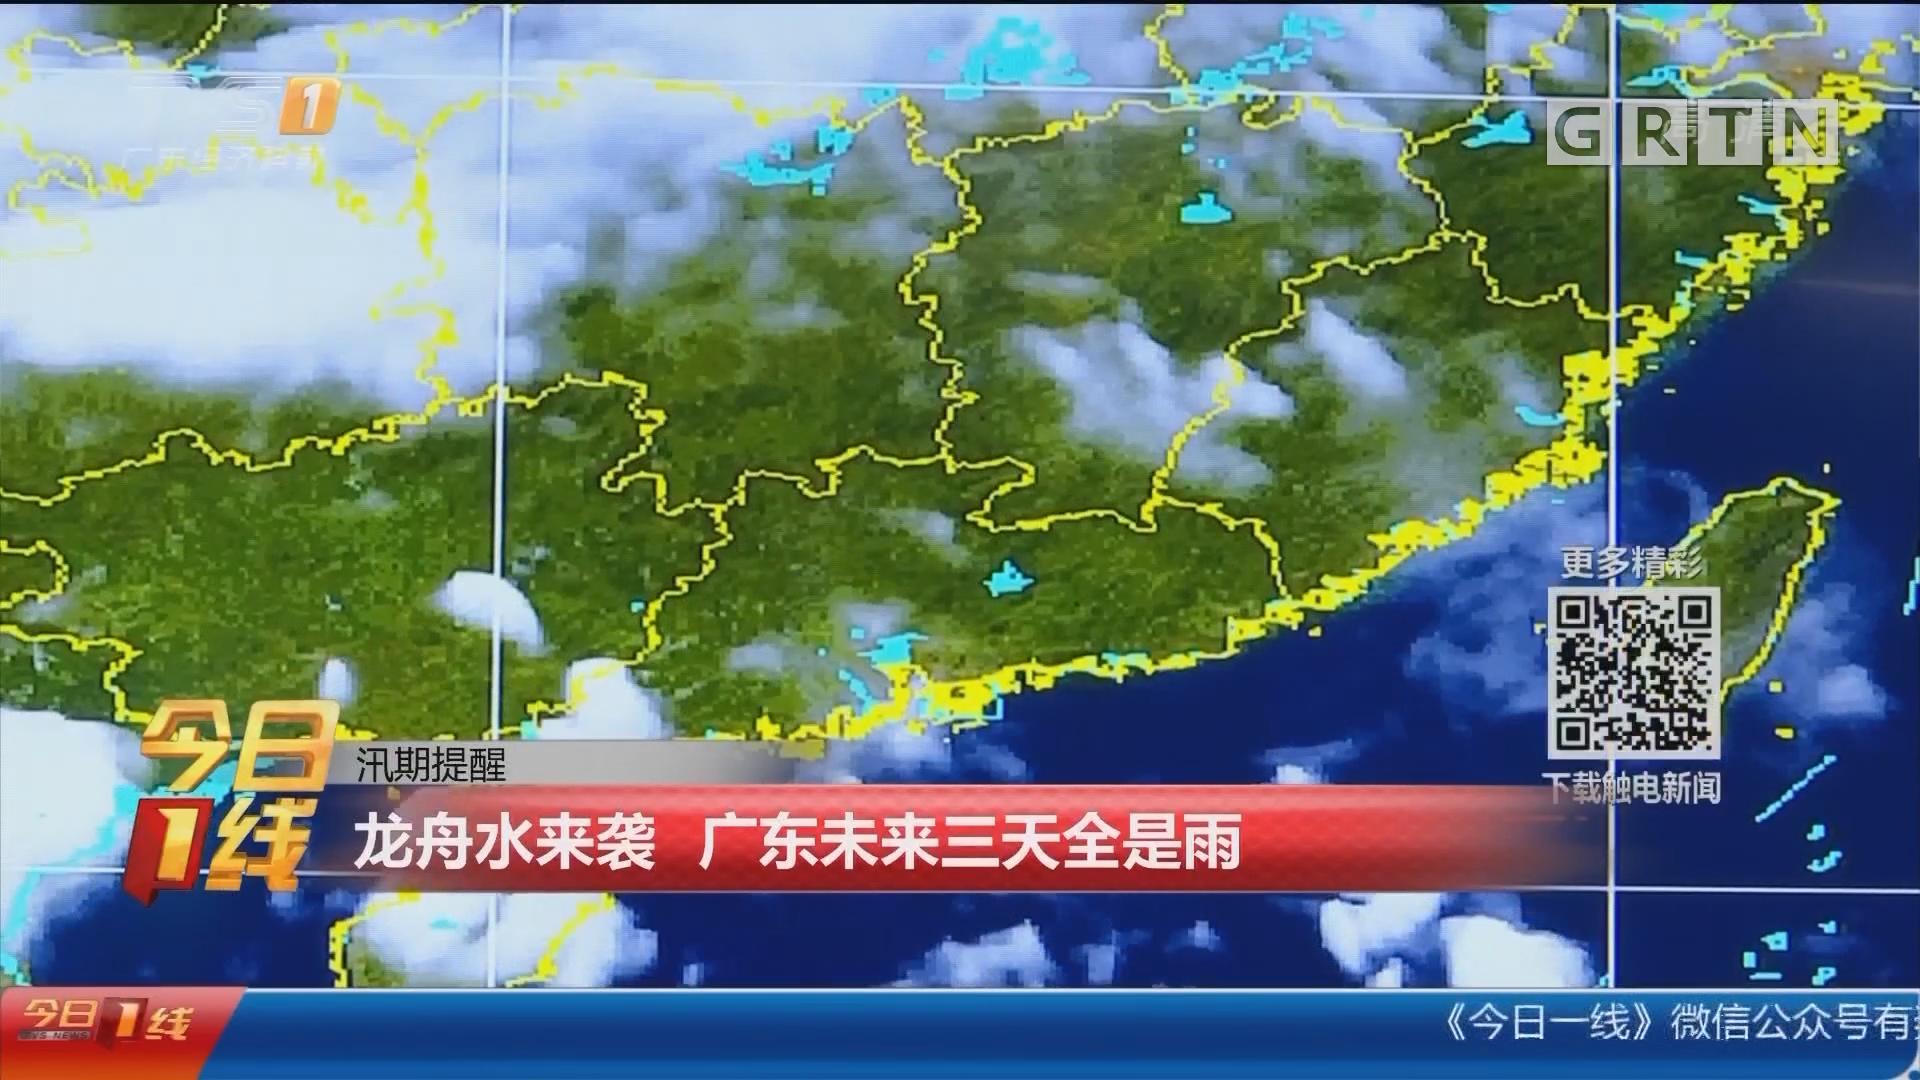 汛期提醒:龙舟水来袭 广东未来三天全是雨